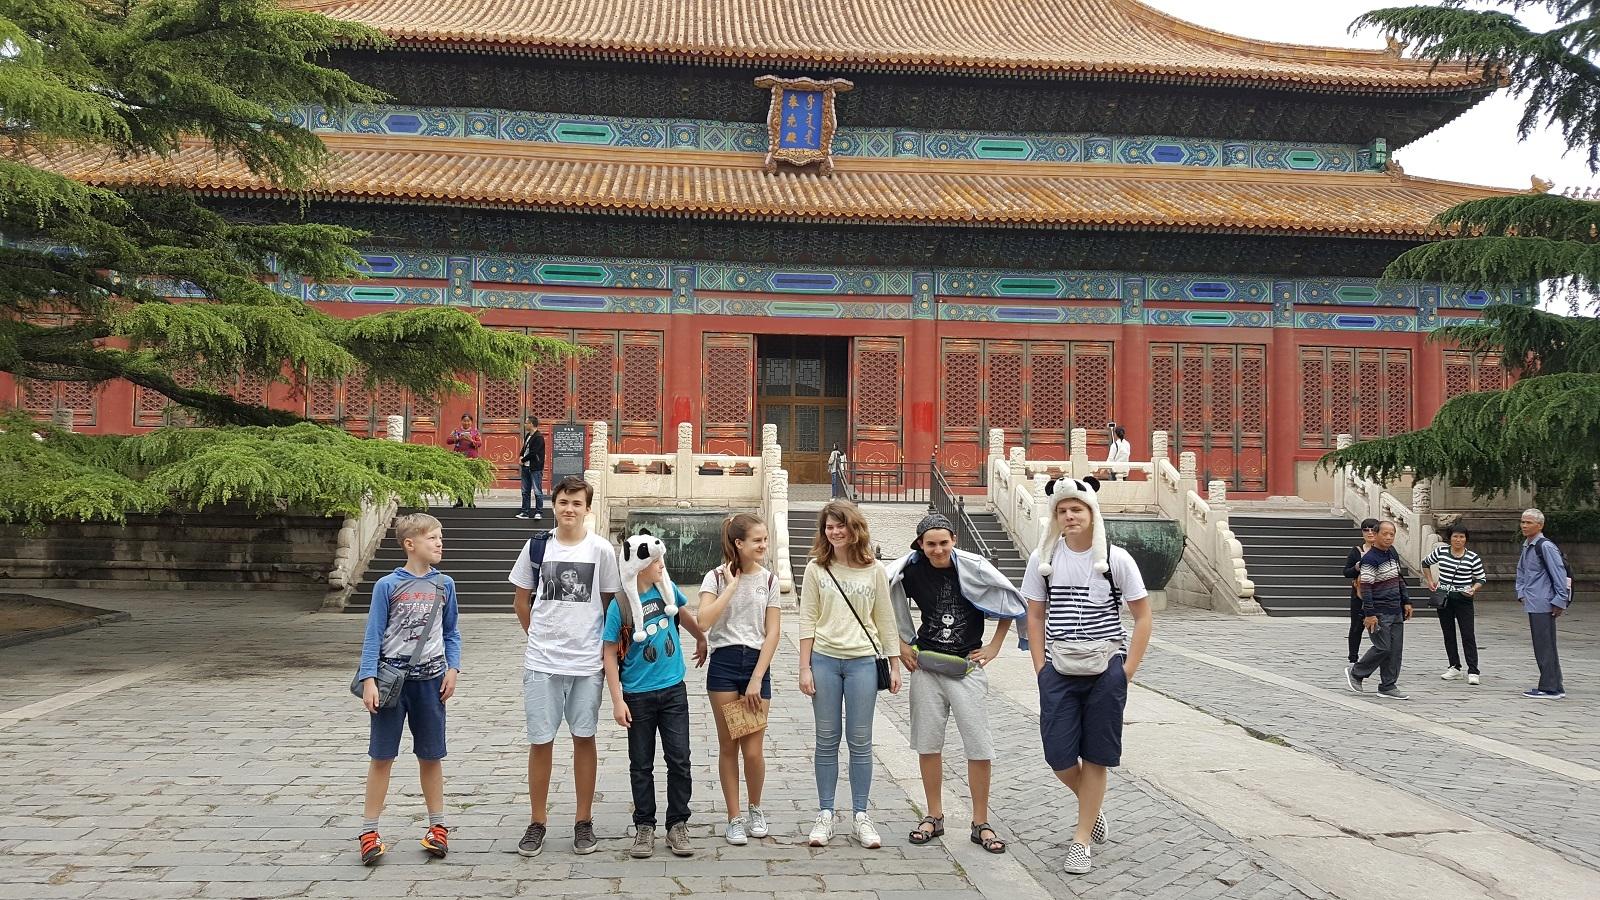 Британская Школа StudyLab: как мы покоряли Пекин